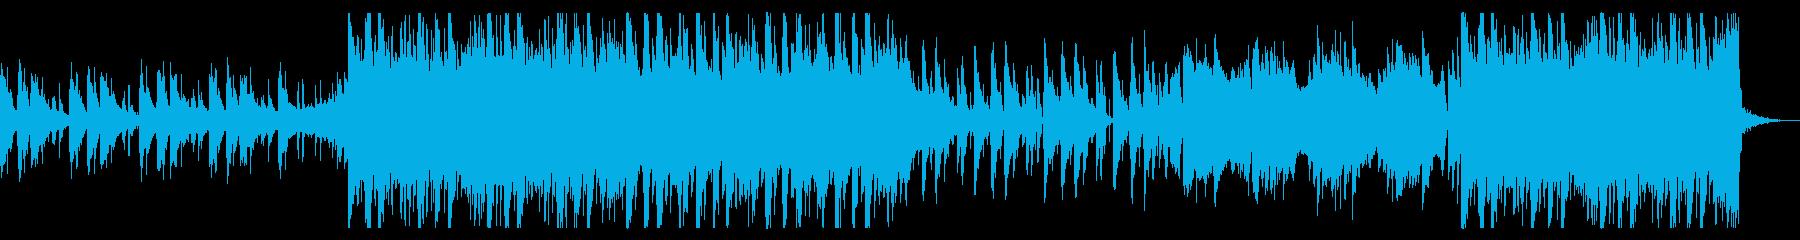 エモ・冷たい・ピアノ・洋楽・ヒップホップの再生済みの波形